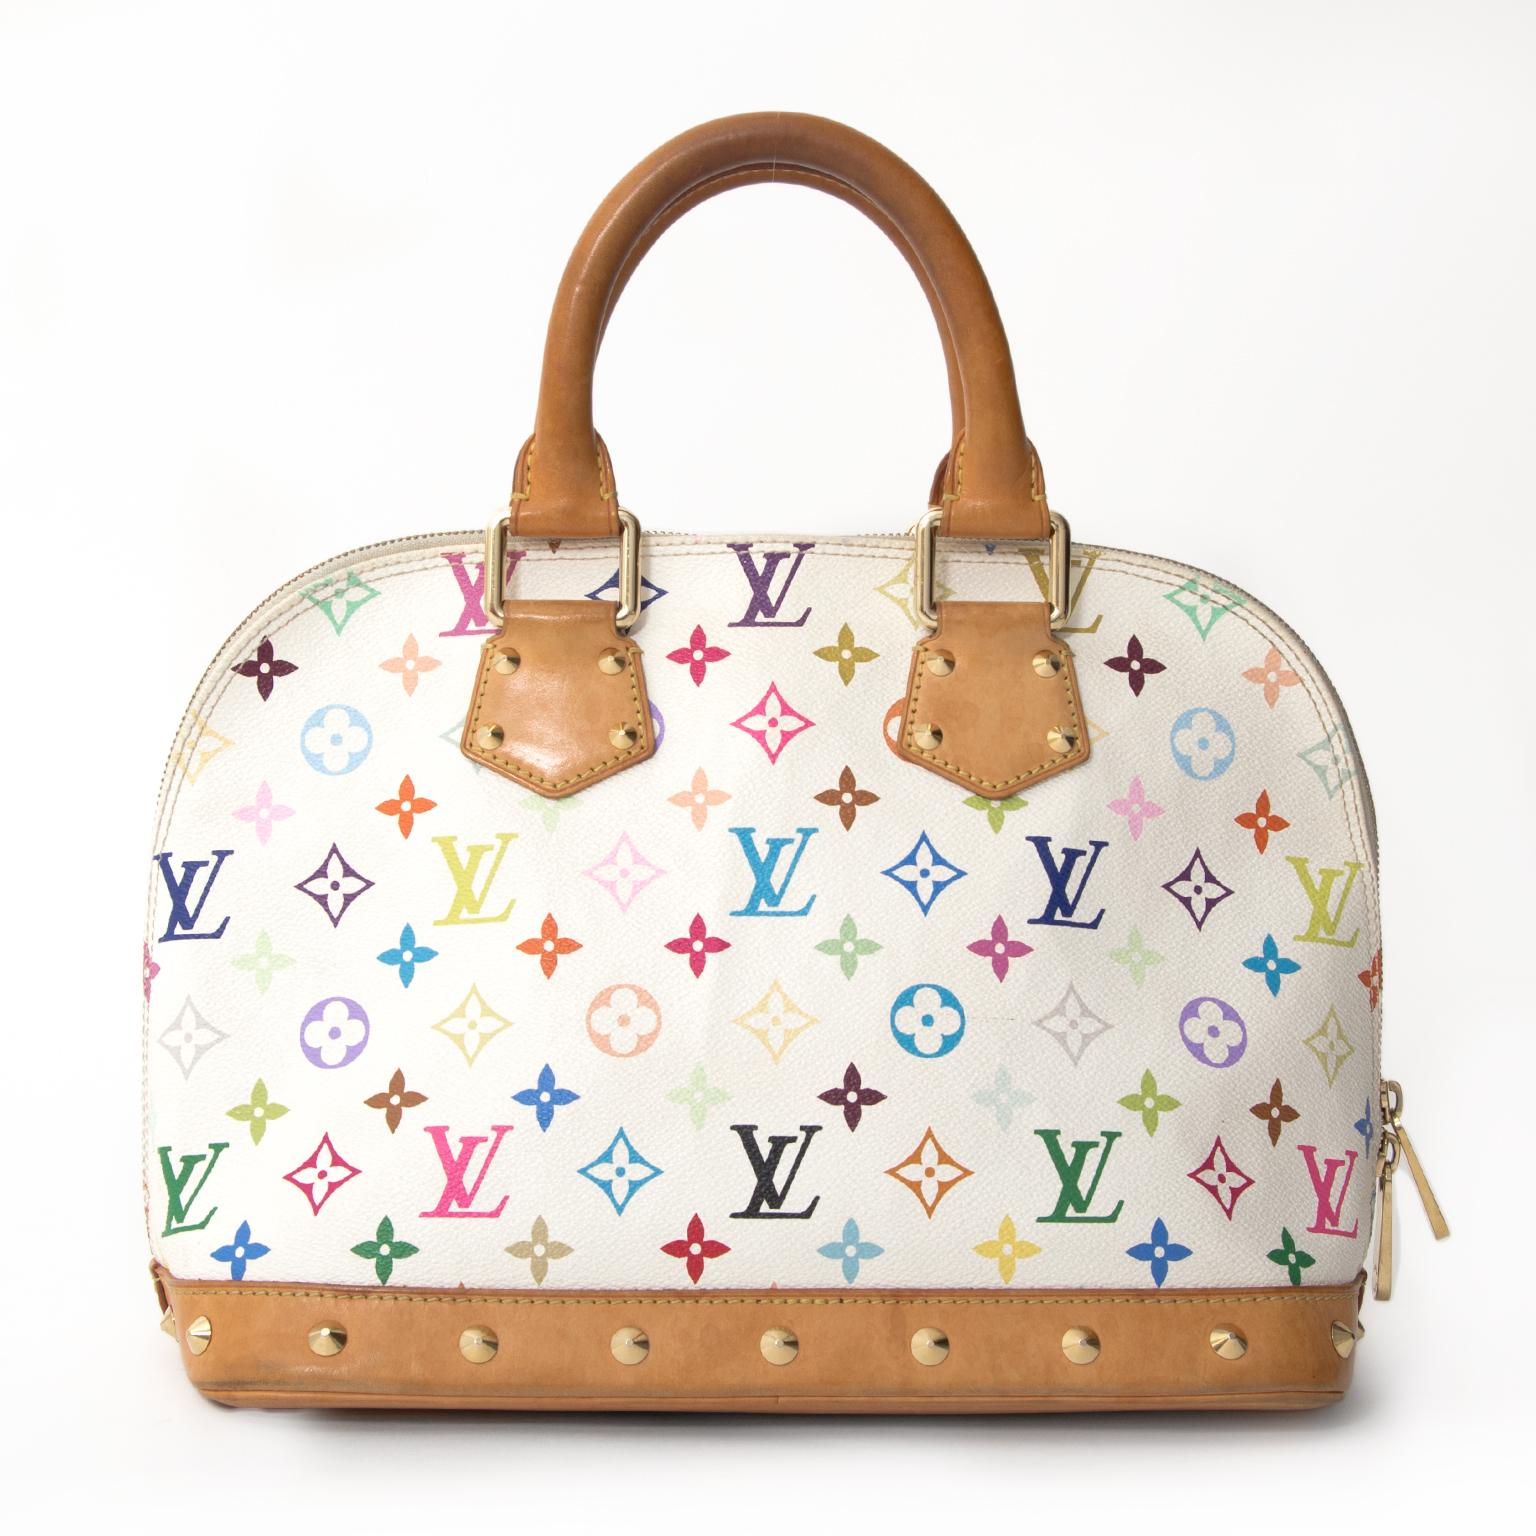 084f21f7cb4e ... Louis Vuitton Murakami Multicolore Monogram White Alma shop buy sell  resell